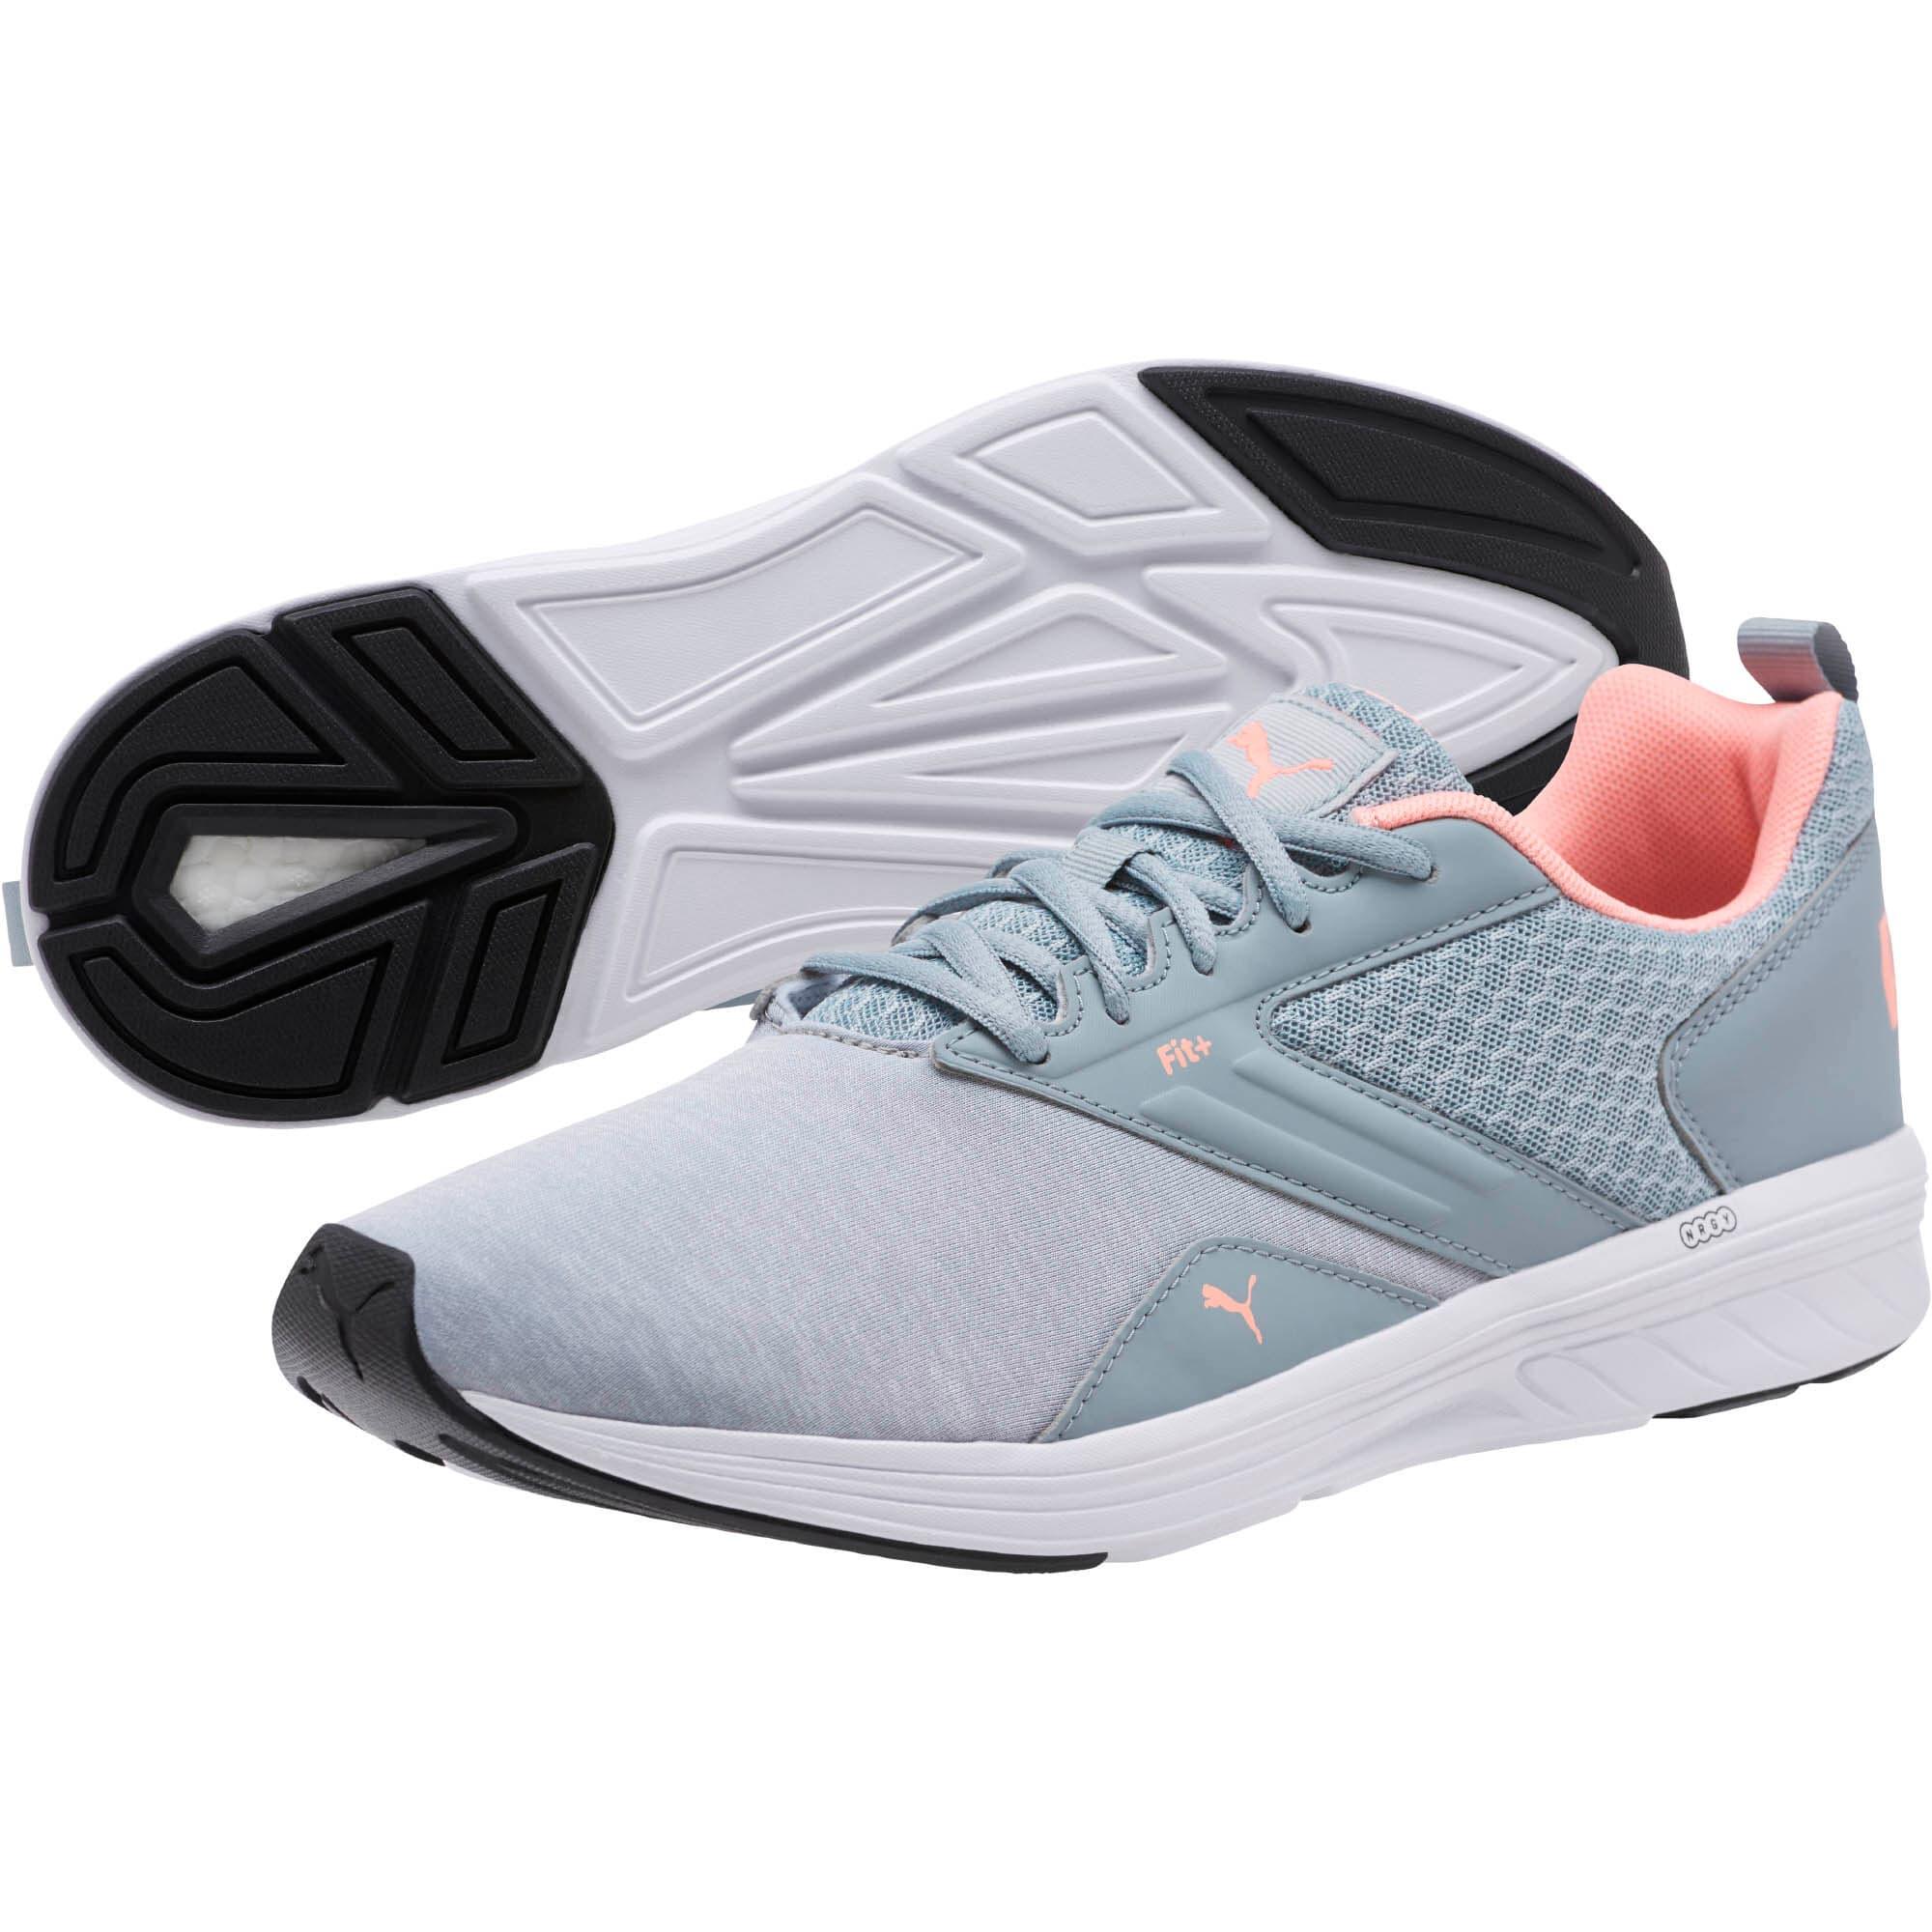 Miniatura 2 de Zapatos para correr NRGY Comet, Quarry-Soft Fluo Peach, mediano